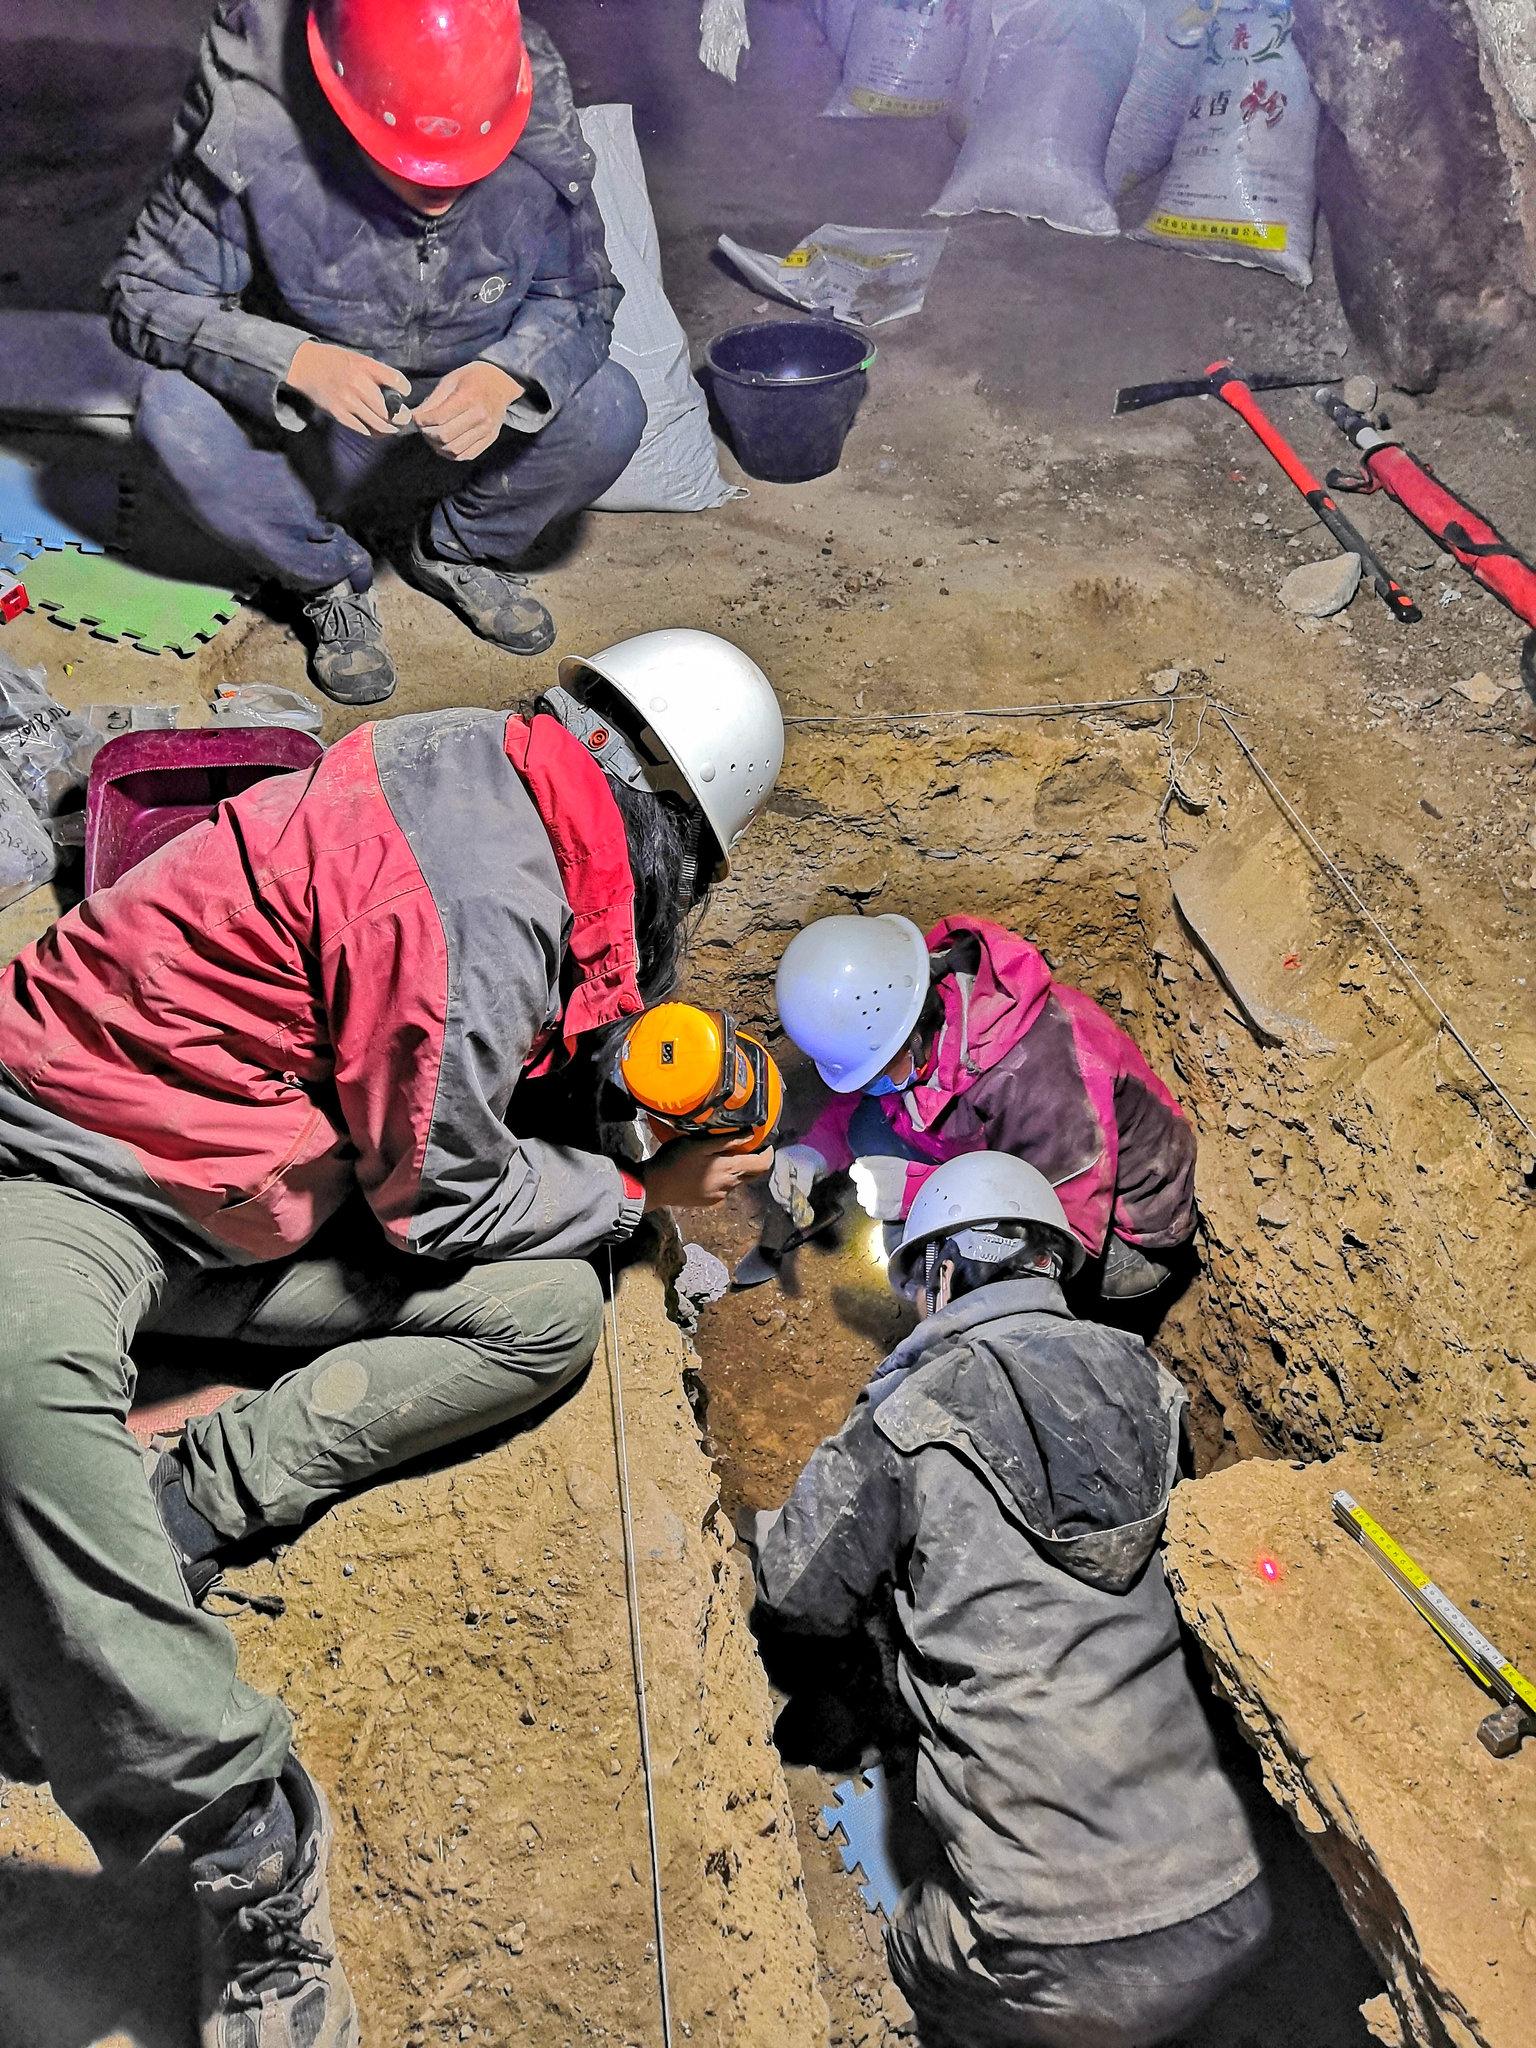 Denisovanlar Tibet'te de tespit edildi.